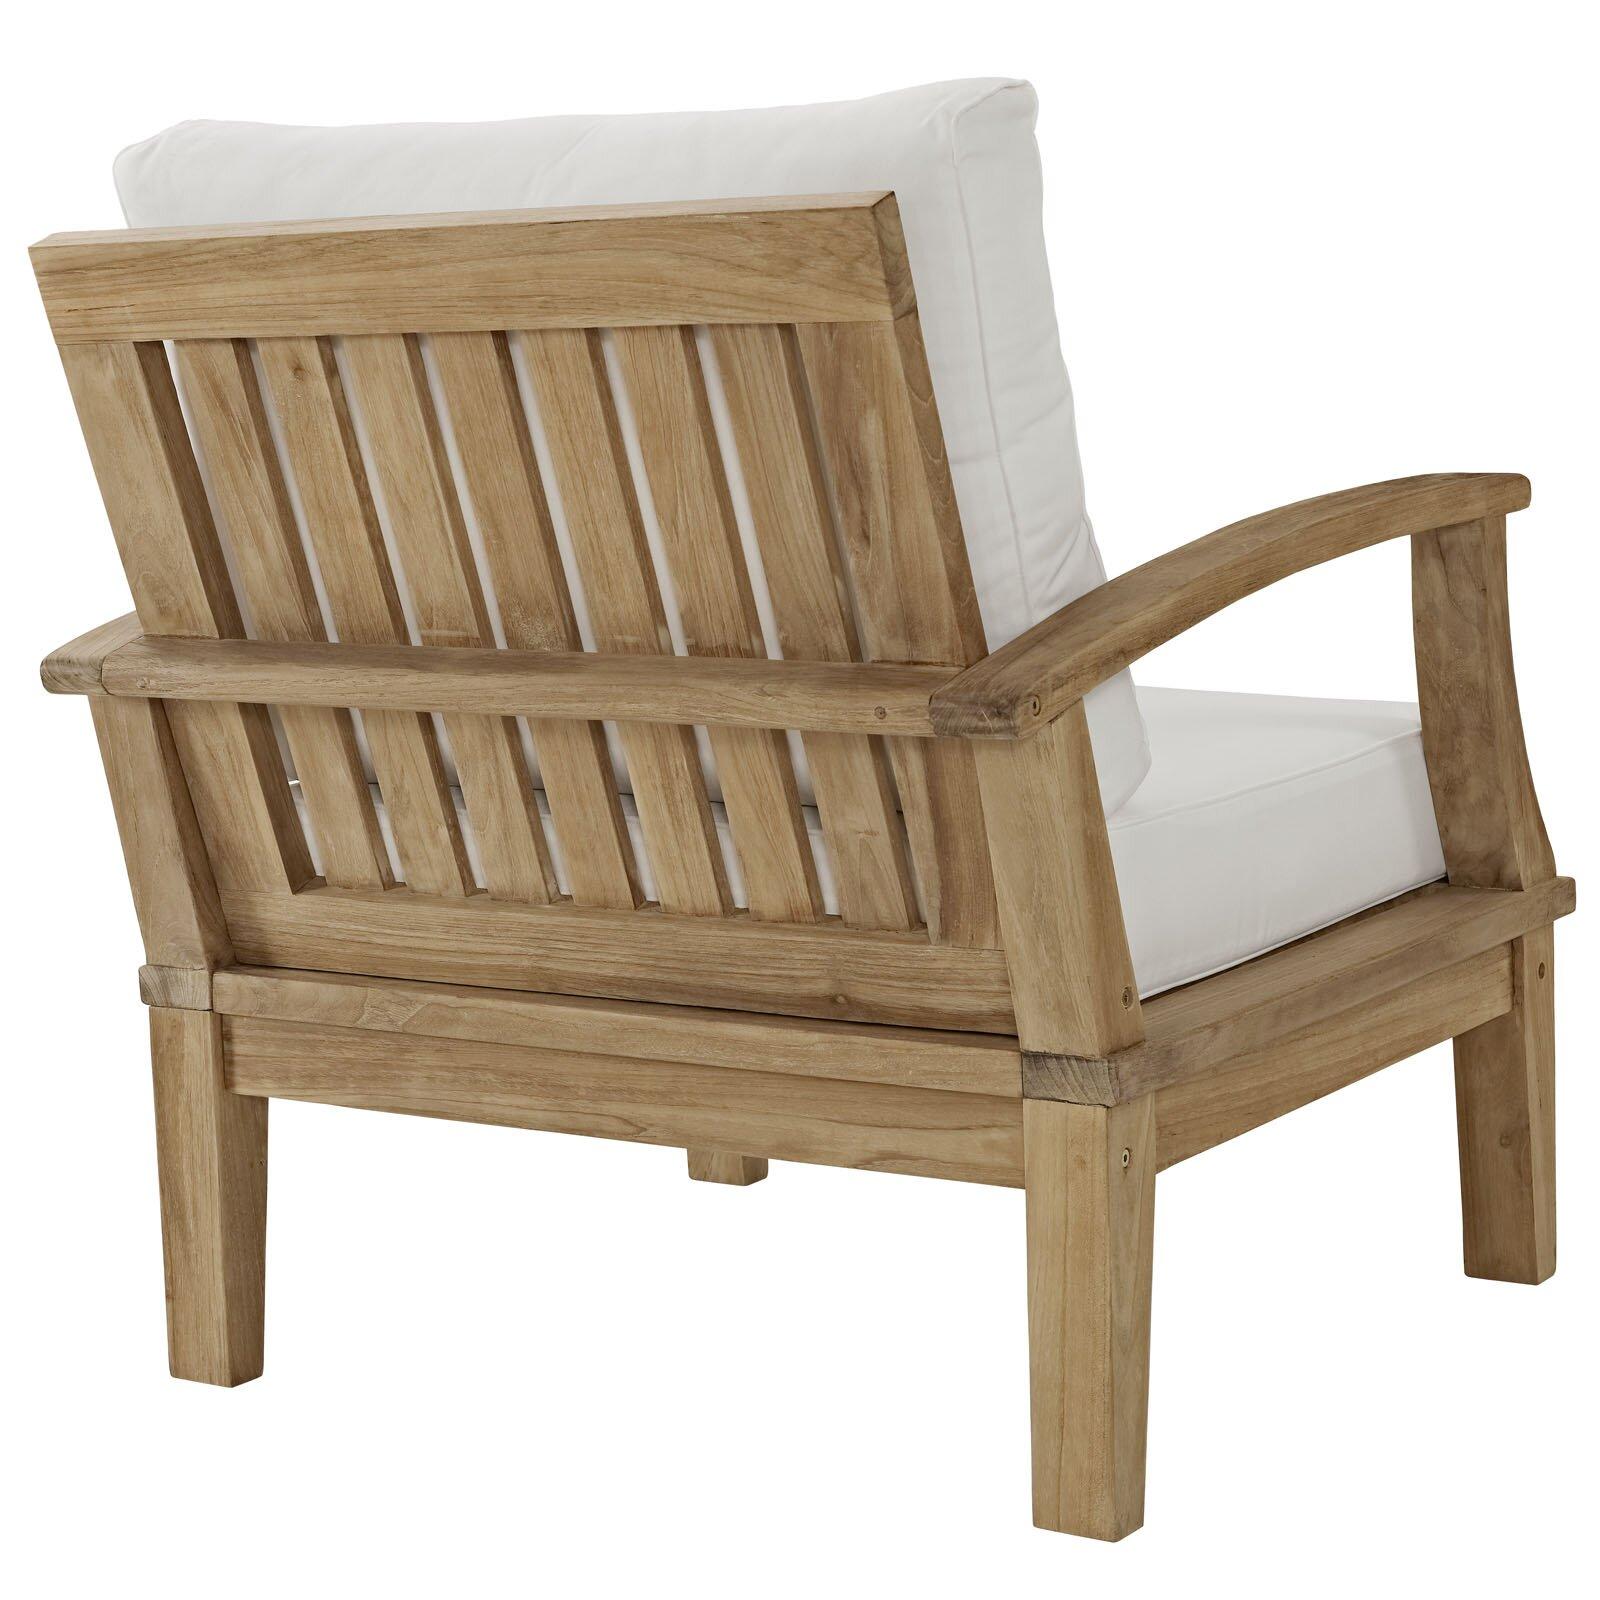 Marina Teak Outdoor Patio Arm Chair with Cushion | Wayfair